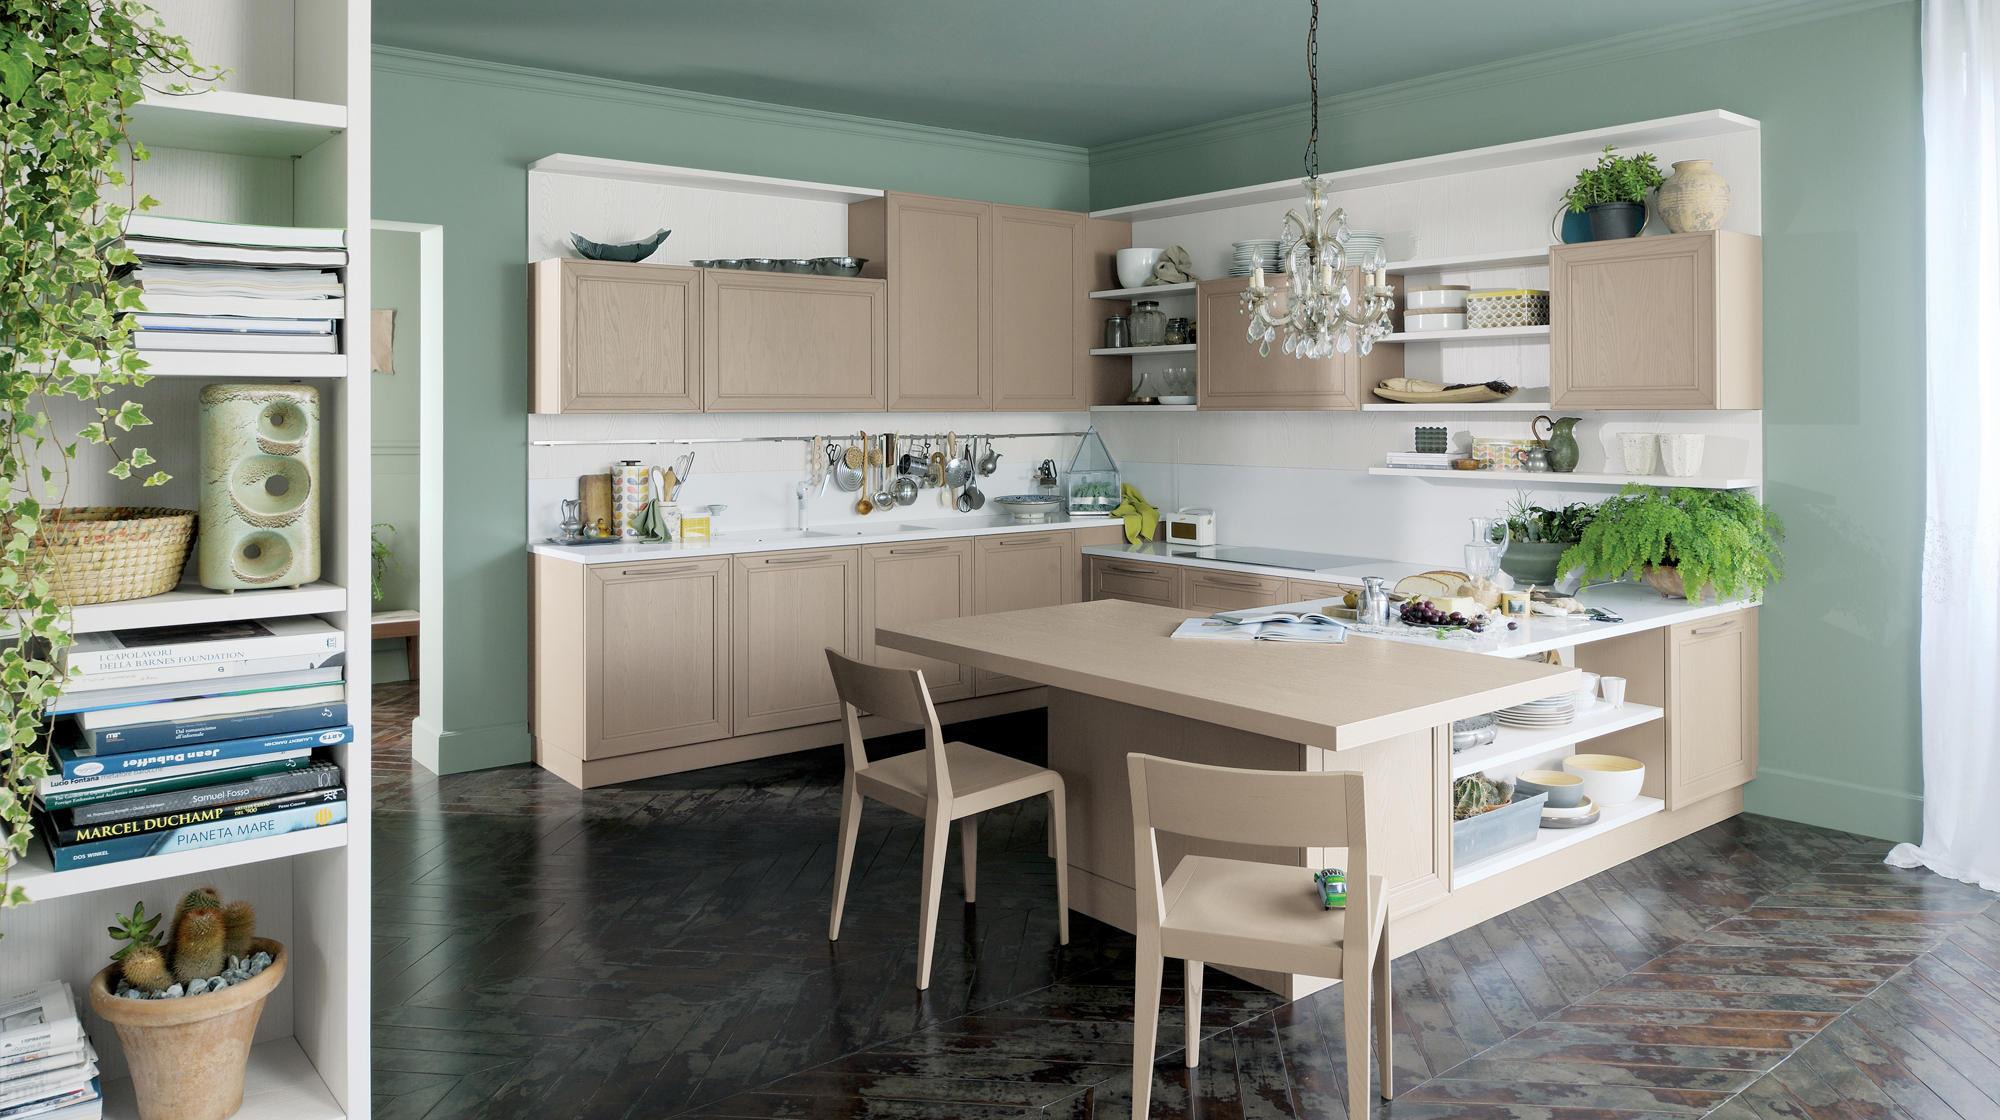 ELEGANTE - Einbauküchen von Veneta Cucine | Architonic